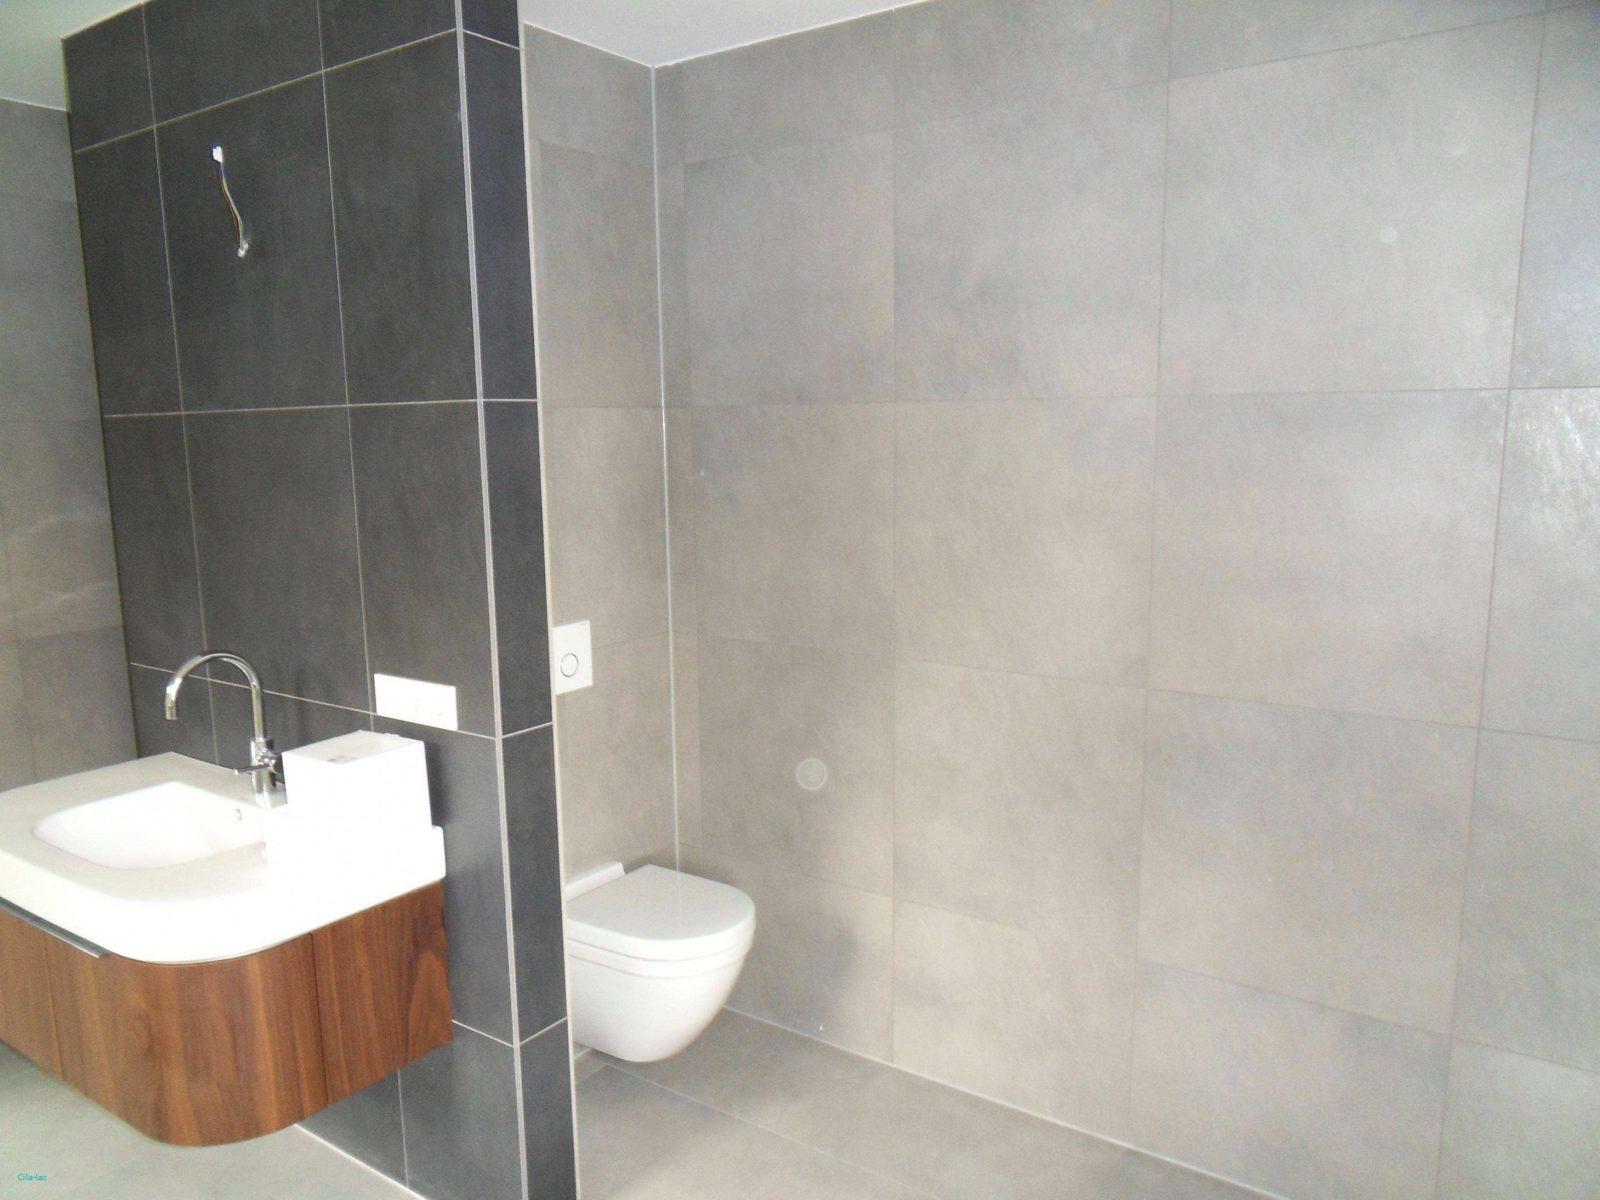 Fliesen Beige Fur Bad Frisch Moderne Badezimmer Fliesen Beige von Moderne Badezimmer Fliesen Beige Photo